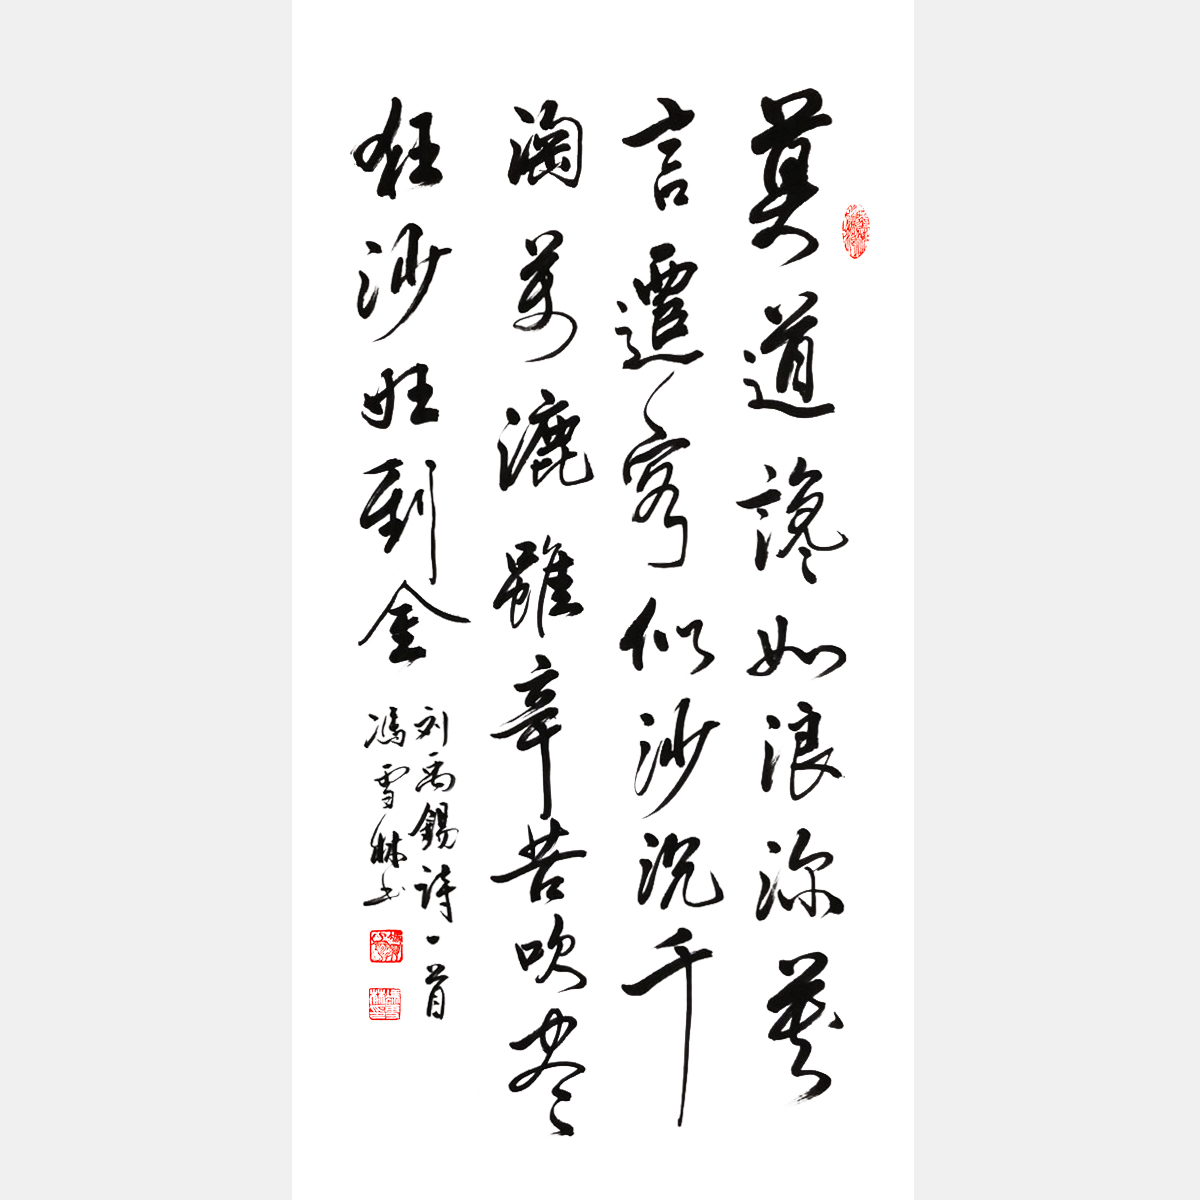 冯雪林书法作品 刘禹锡《浪淘沙九首・其八》千淘万漉虽辛苦,吹尽黄沙始到金。